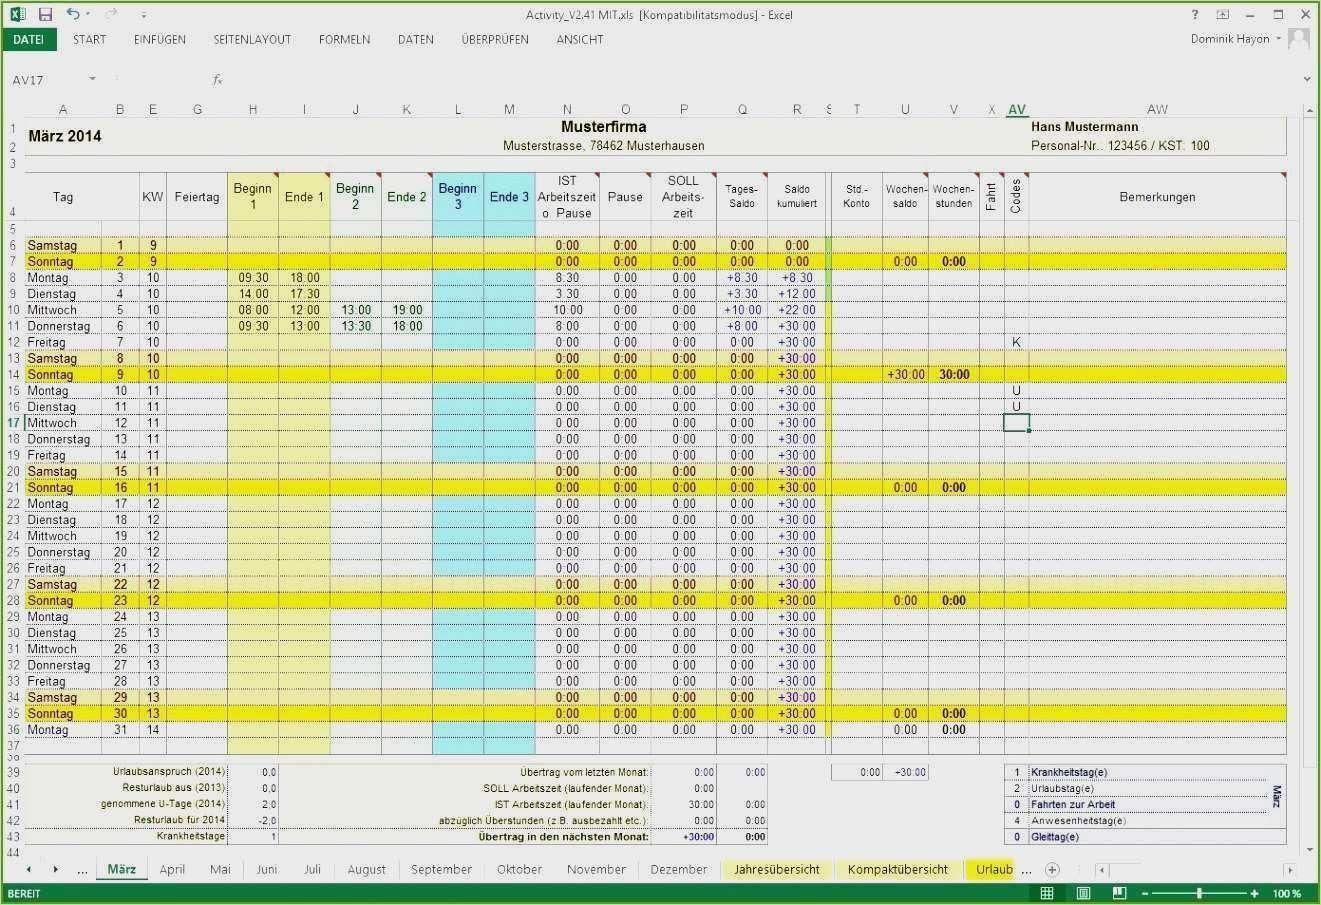 Kassenzahlprotokoll Excel Vorlage Kostenlos 46 Hubsch Nobel Ebendiese Konnen Einstellen Fur I In 2020 Excel Vorlage Zeiterfassung Vorlage Lebenslauf Kostenlos